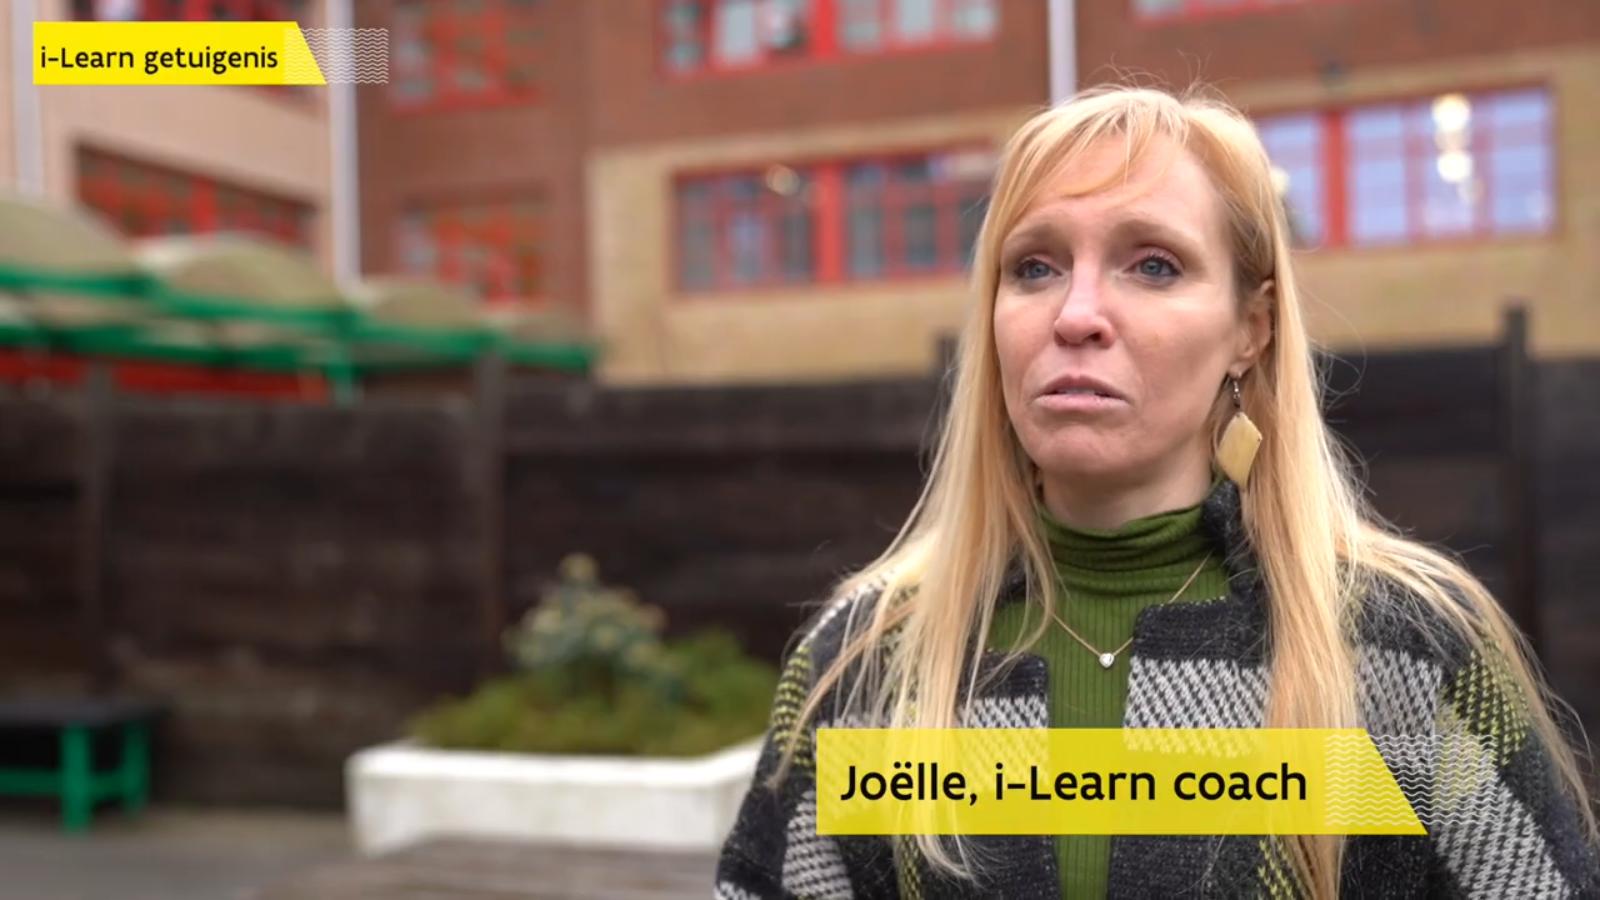 Getuigenis coach Joëlle